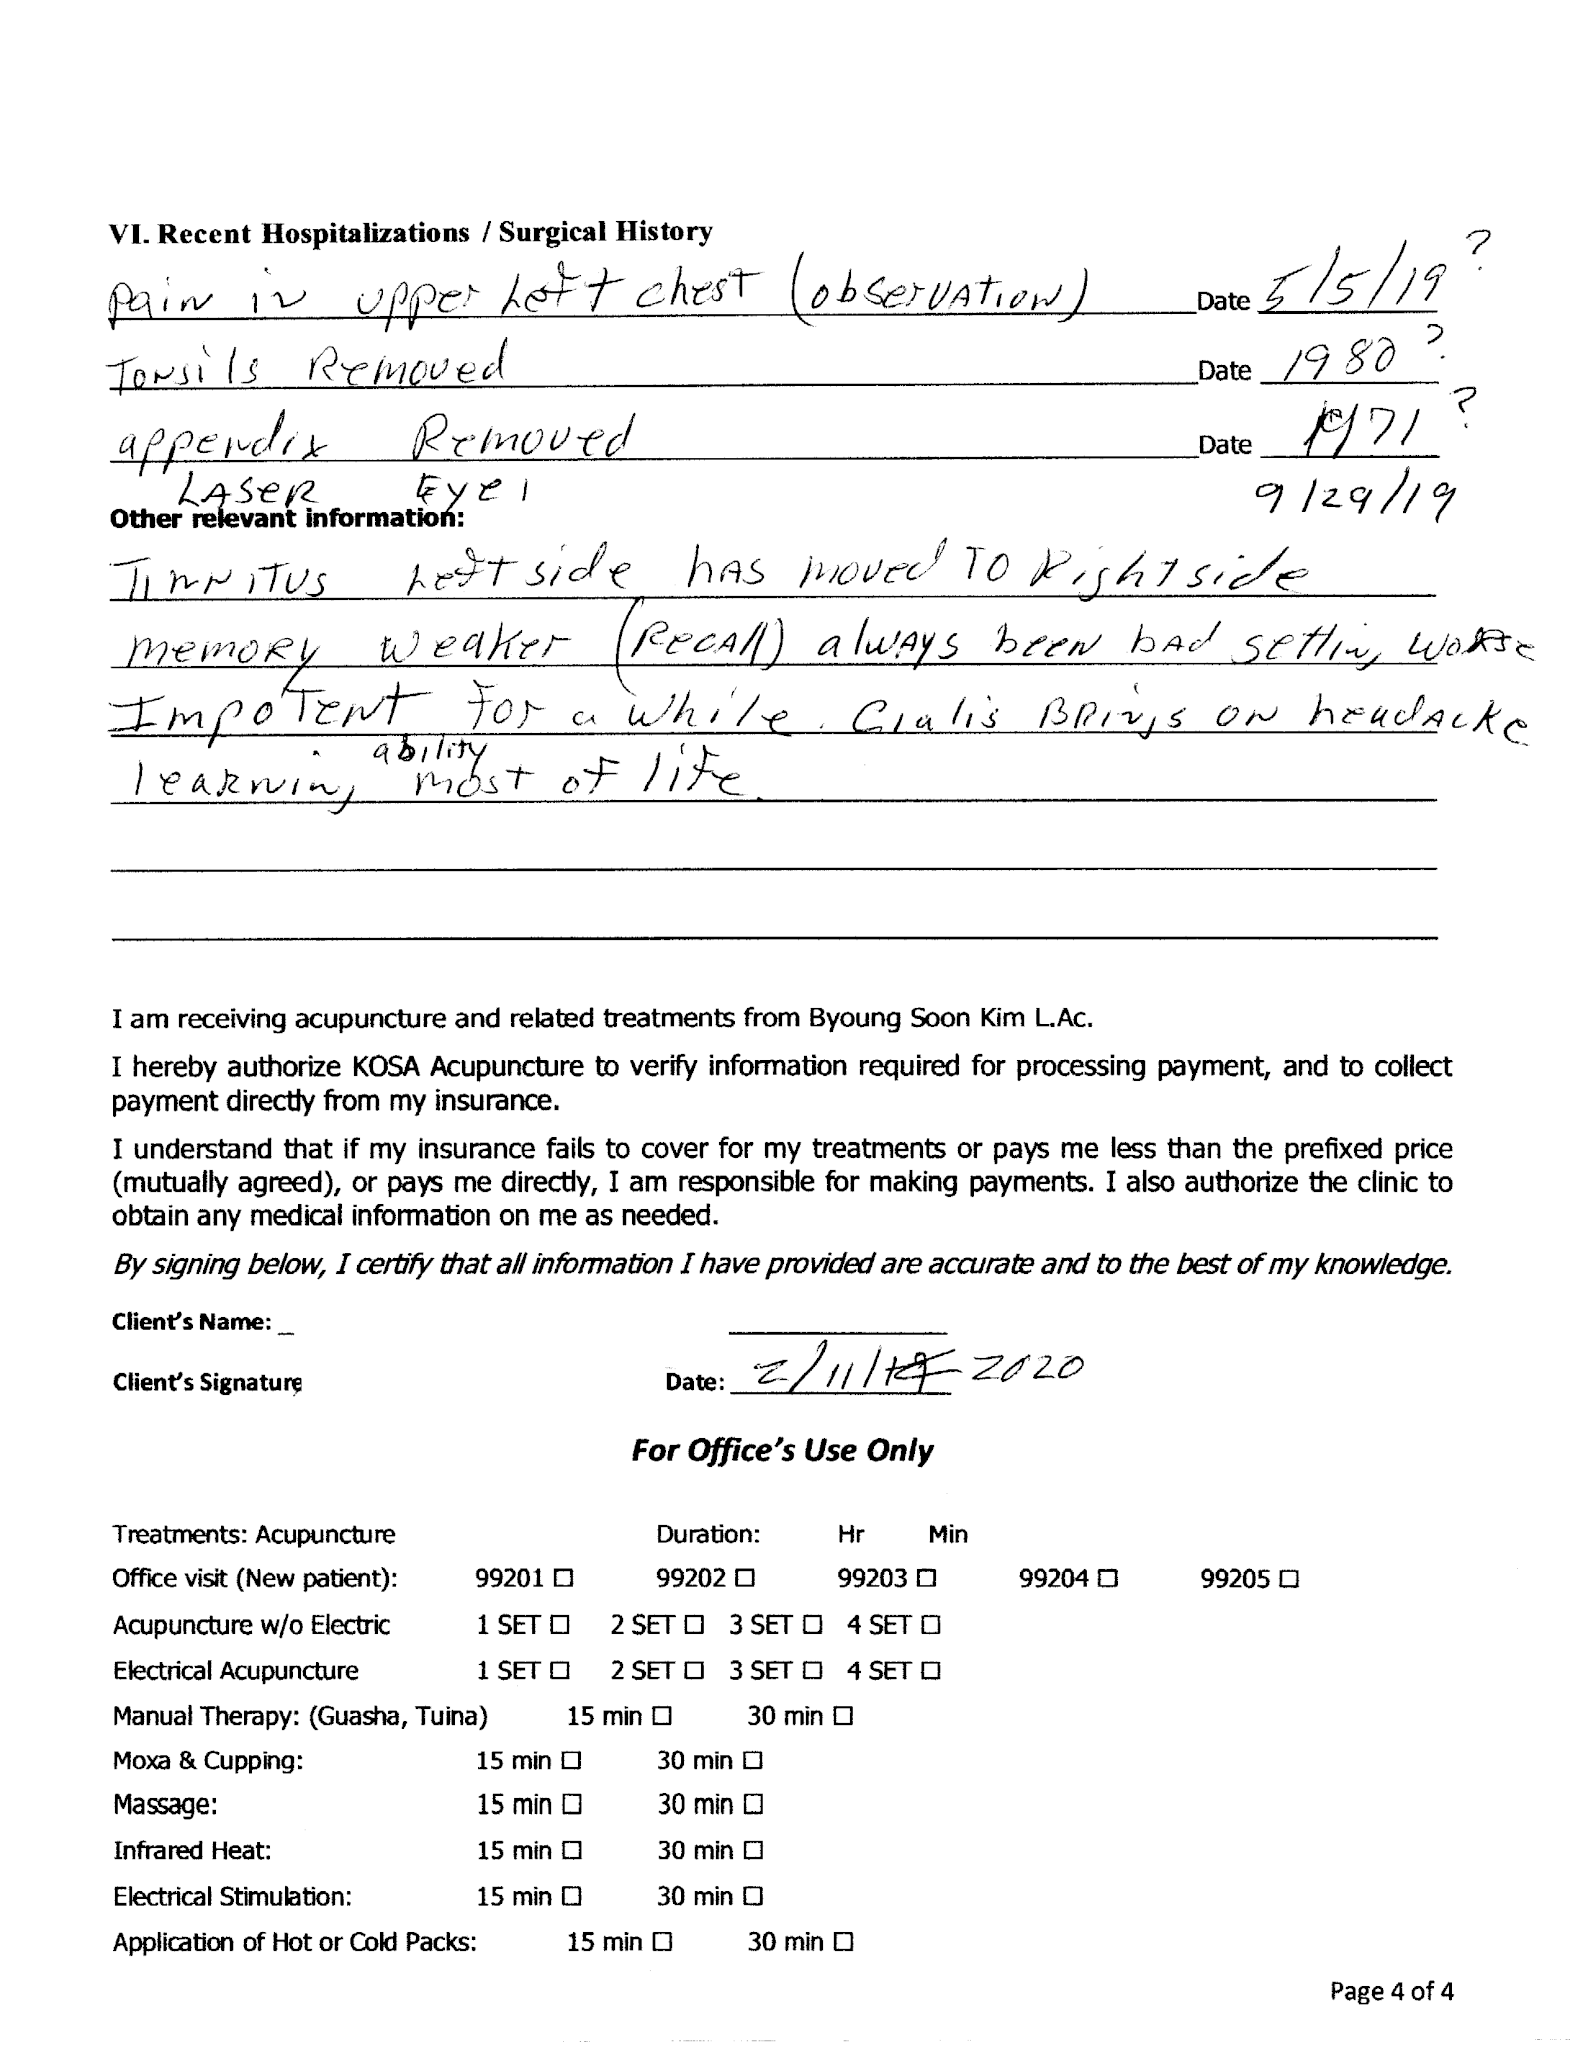 kosa182 Page 4 - Tinnitus Testimonial, LV - KOSA Acupuncture